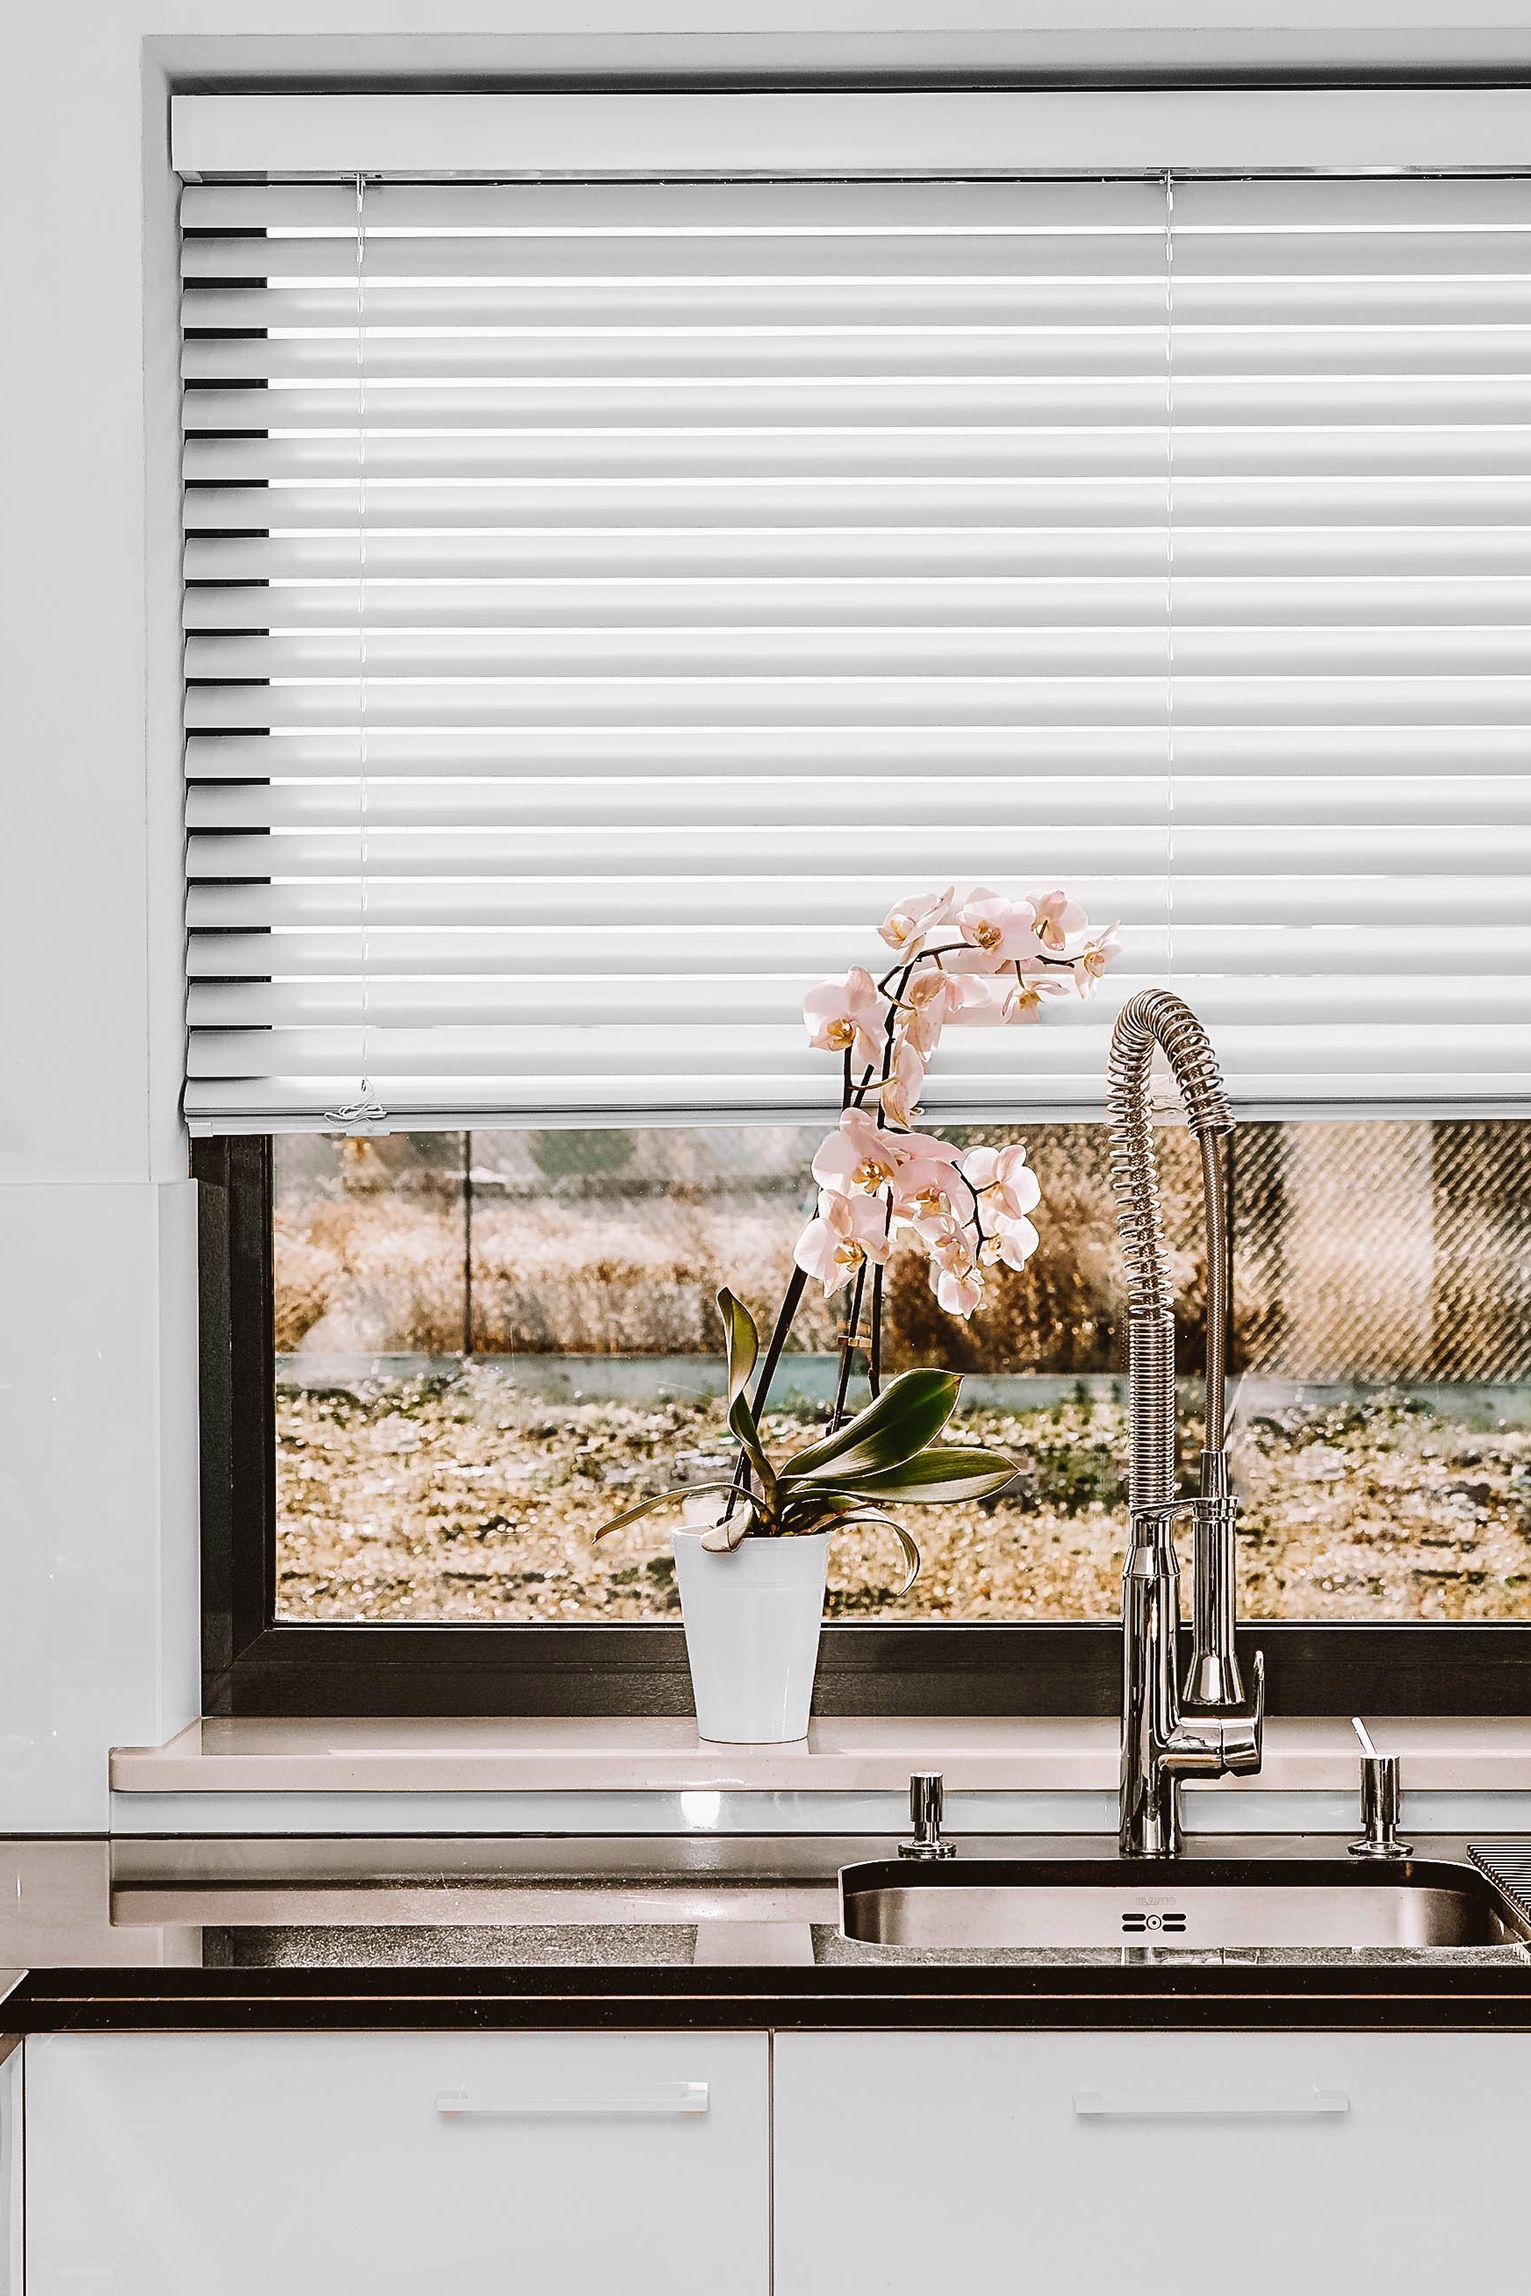 Biale Zaluzje W Kuchni Nasze Domowe Pielesze Blinds Roman Shade Curtain Home